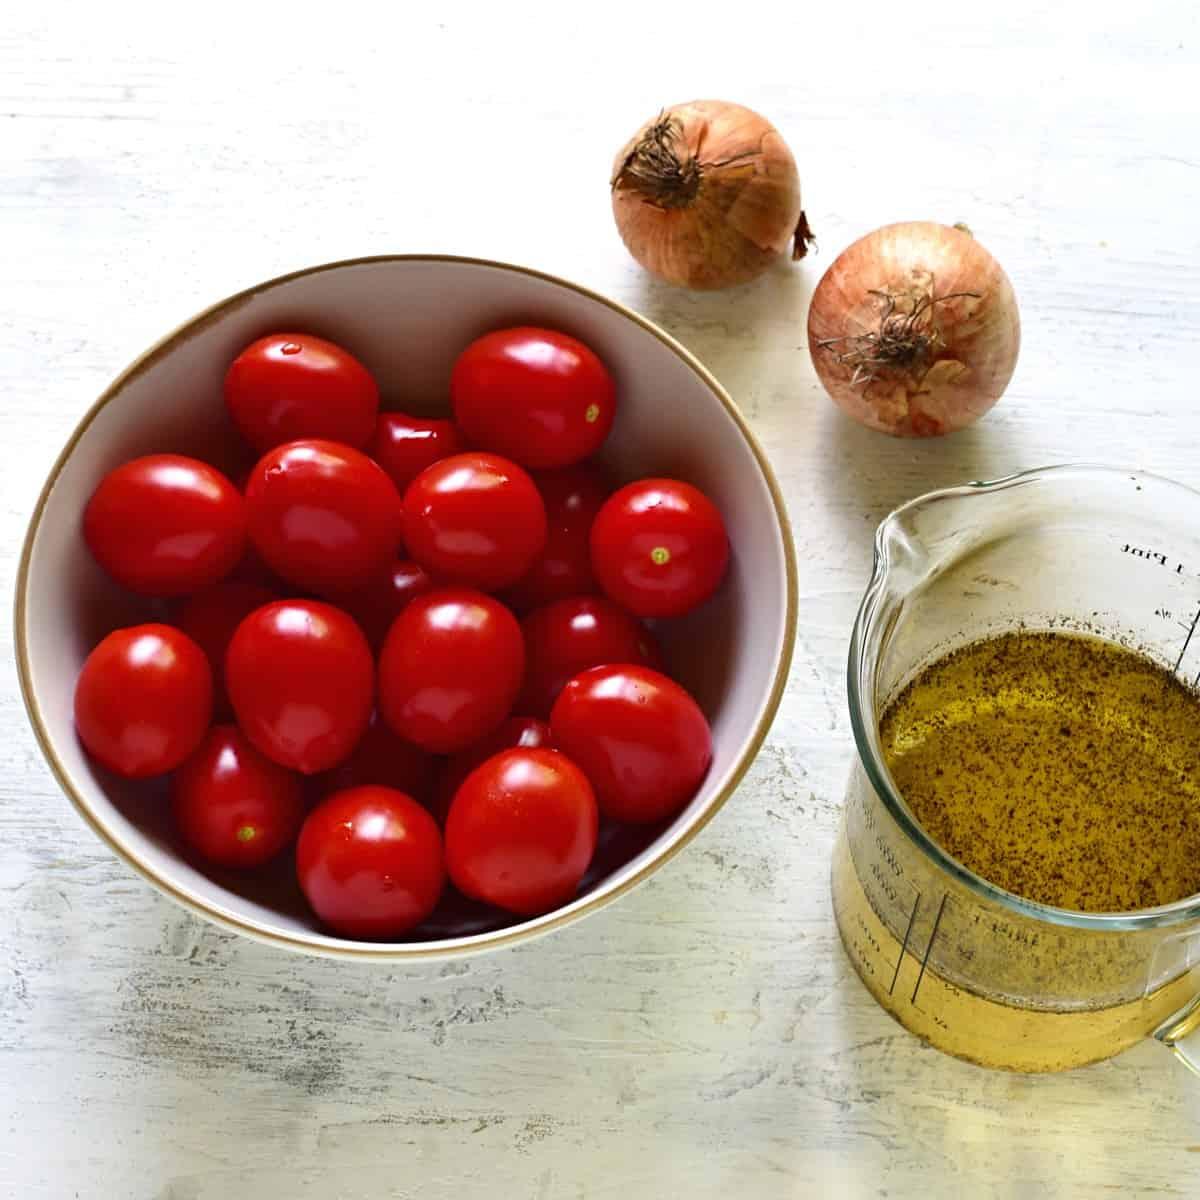 Zutaten für Tomatensalat mit Zwiebeln und saur-süss Dressing